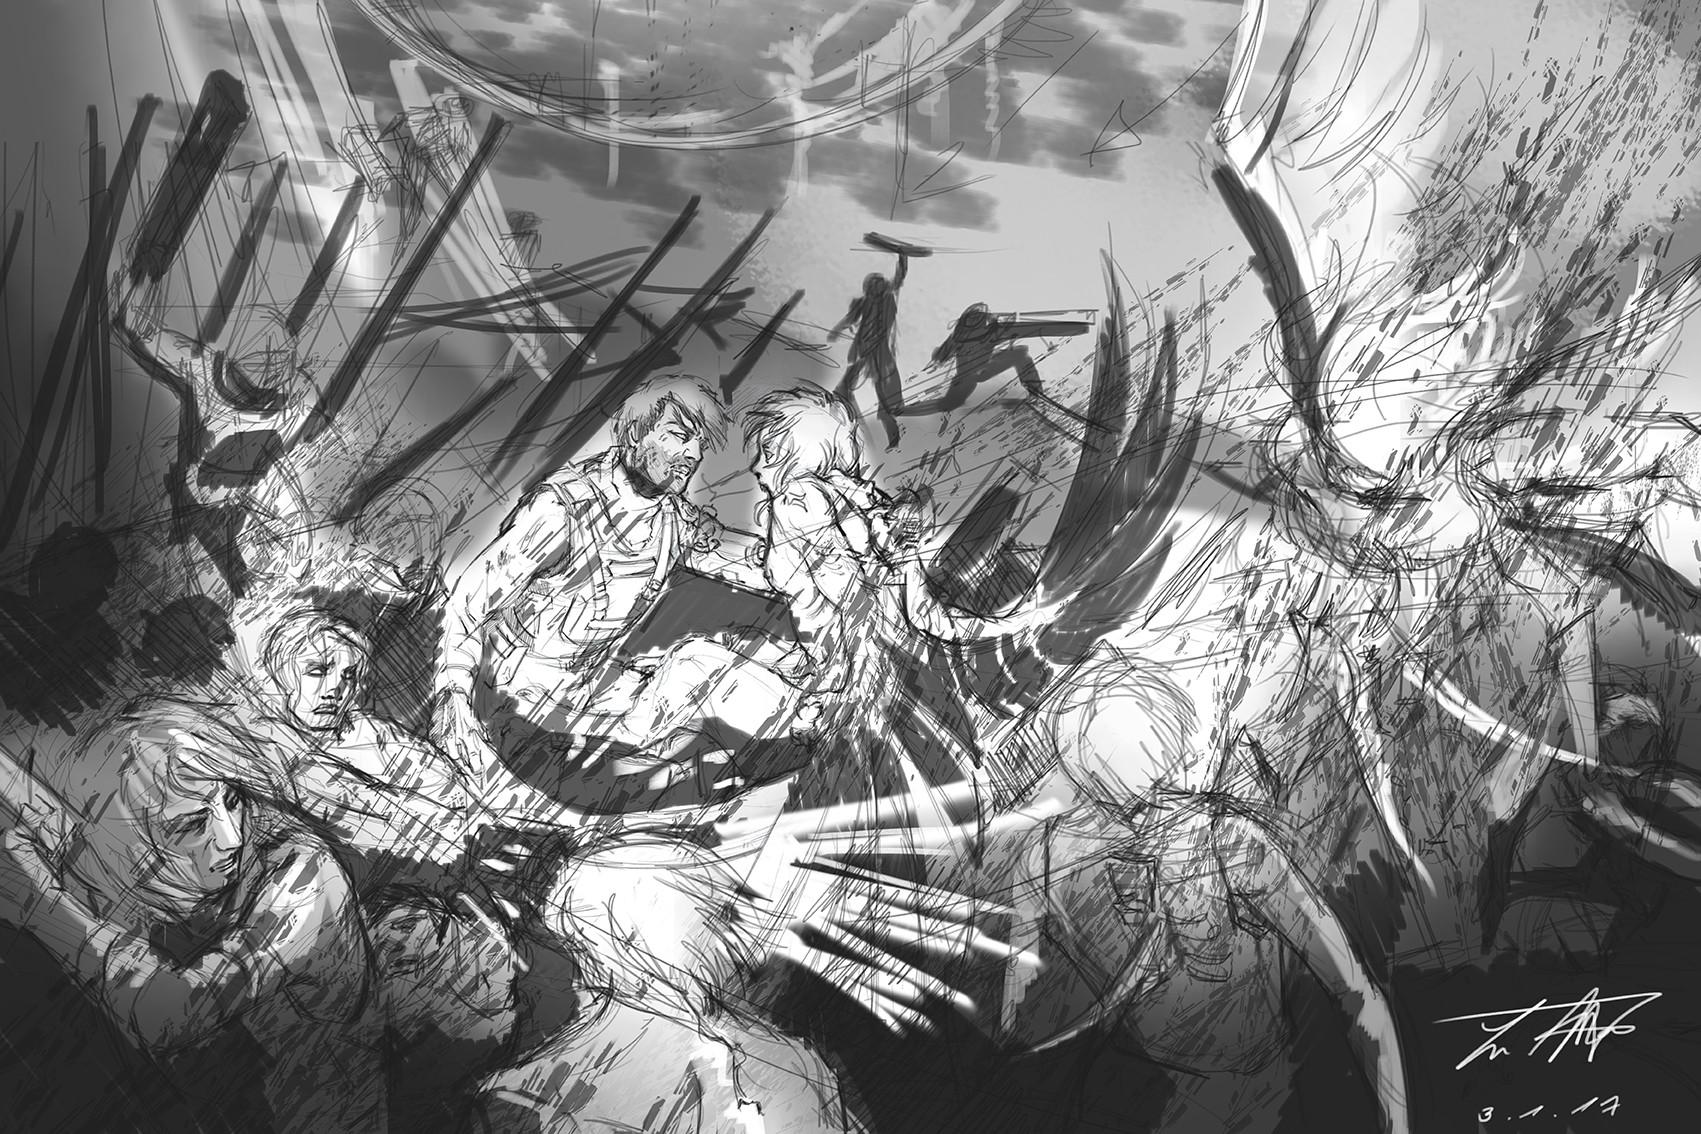 Yun nam 17 01 03 battle